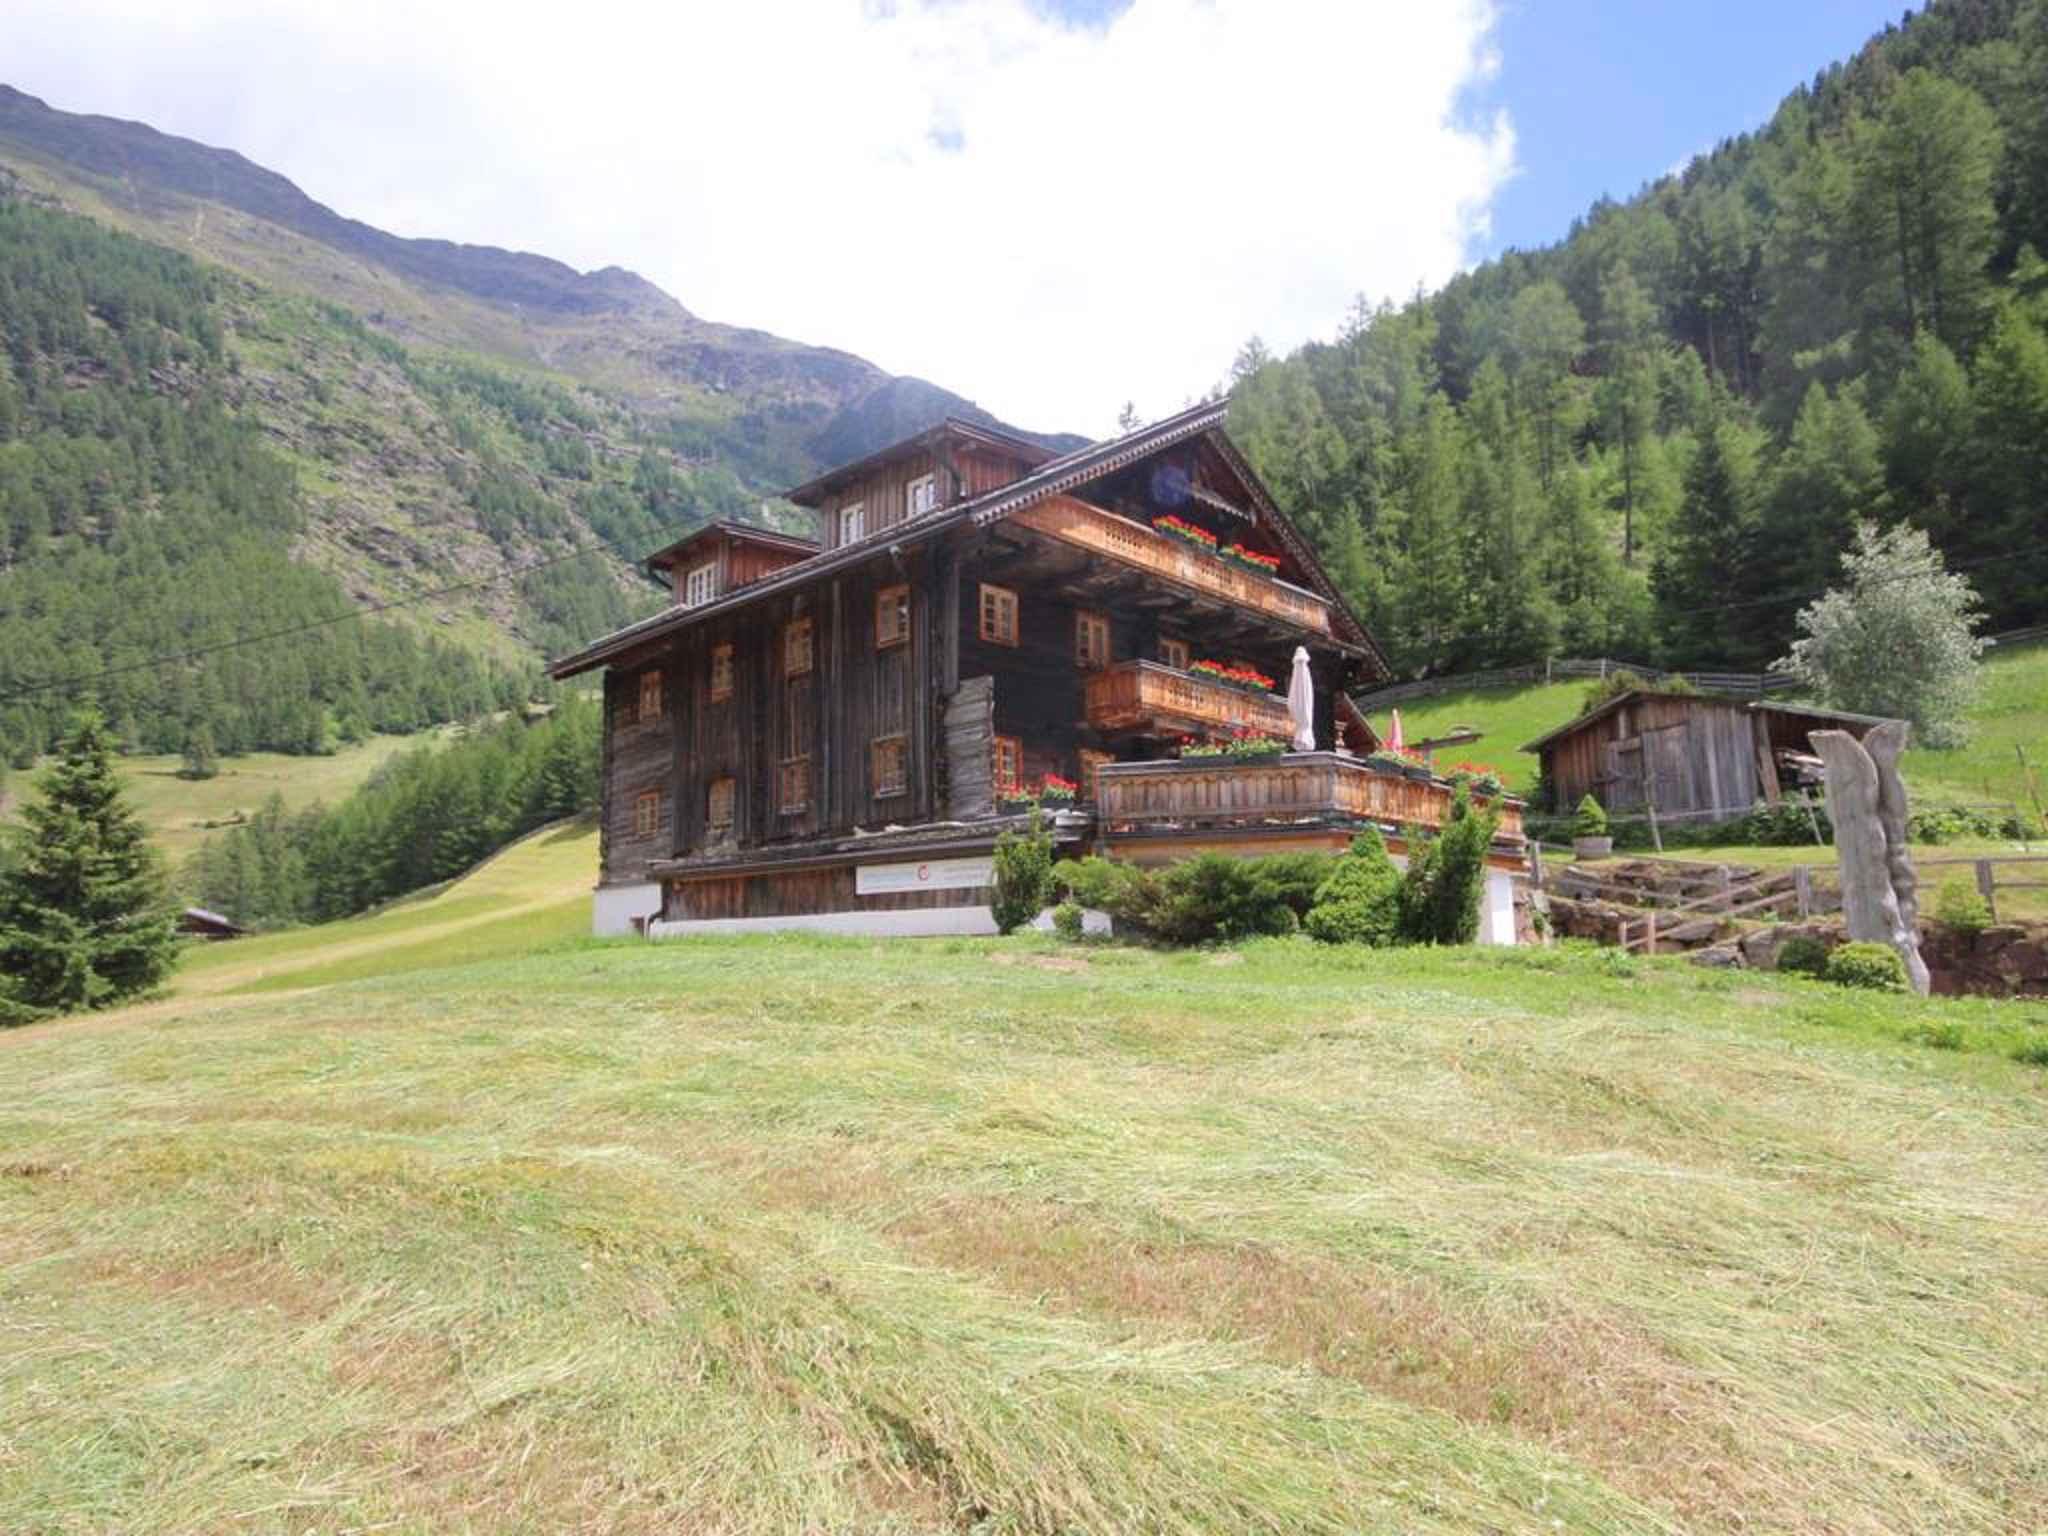 Ferienwohnung in einem über 300 Jahre alten Holzhaus (283708), Sölden (AT), Ötztal, Tirol, Österreich, Bild 2